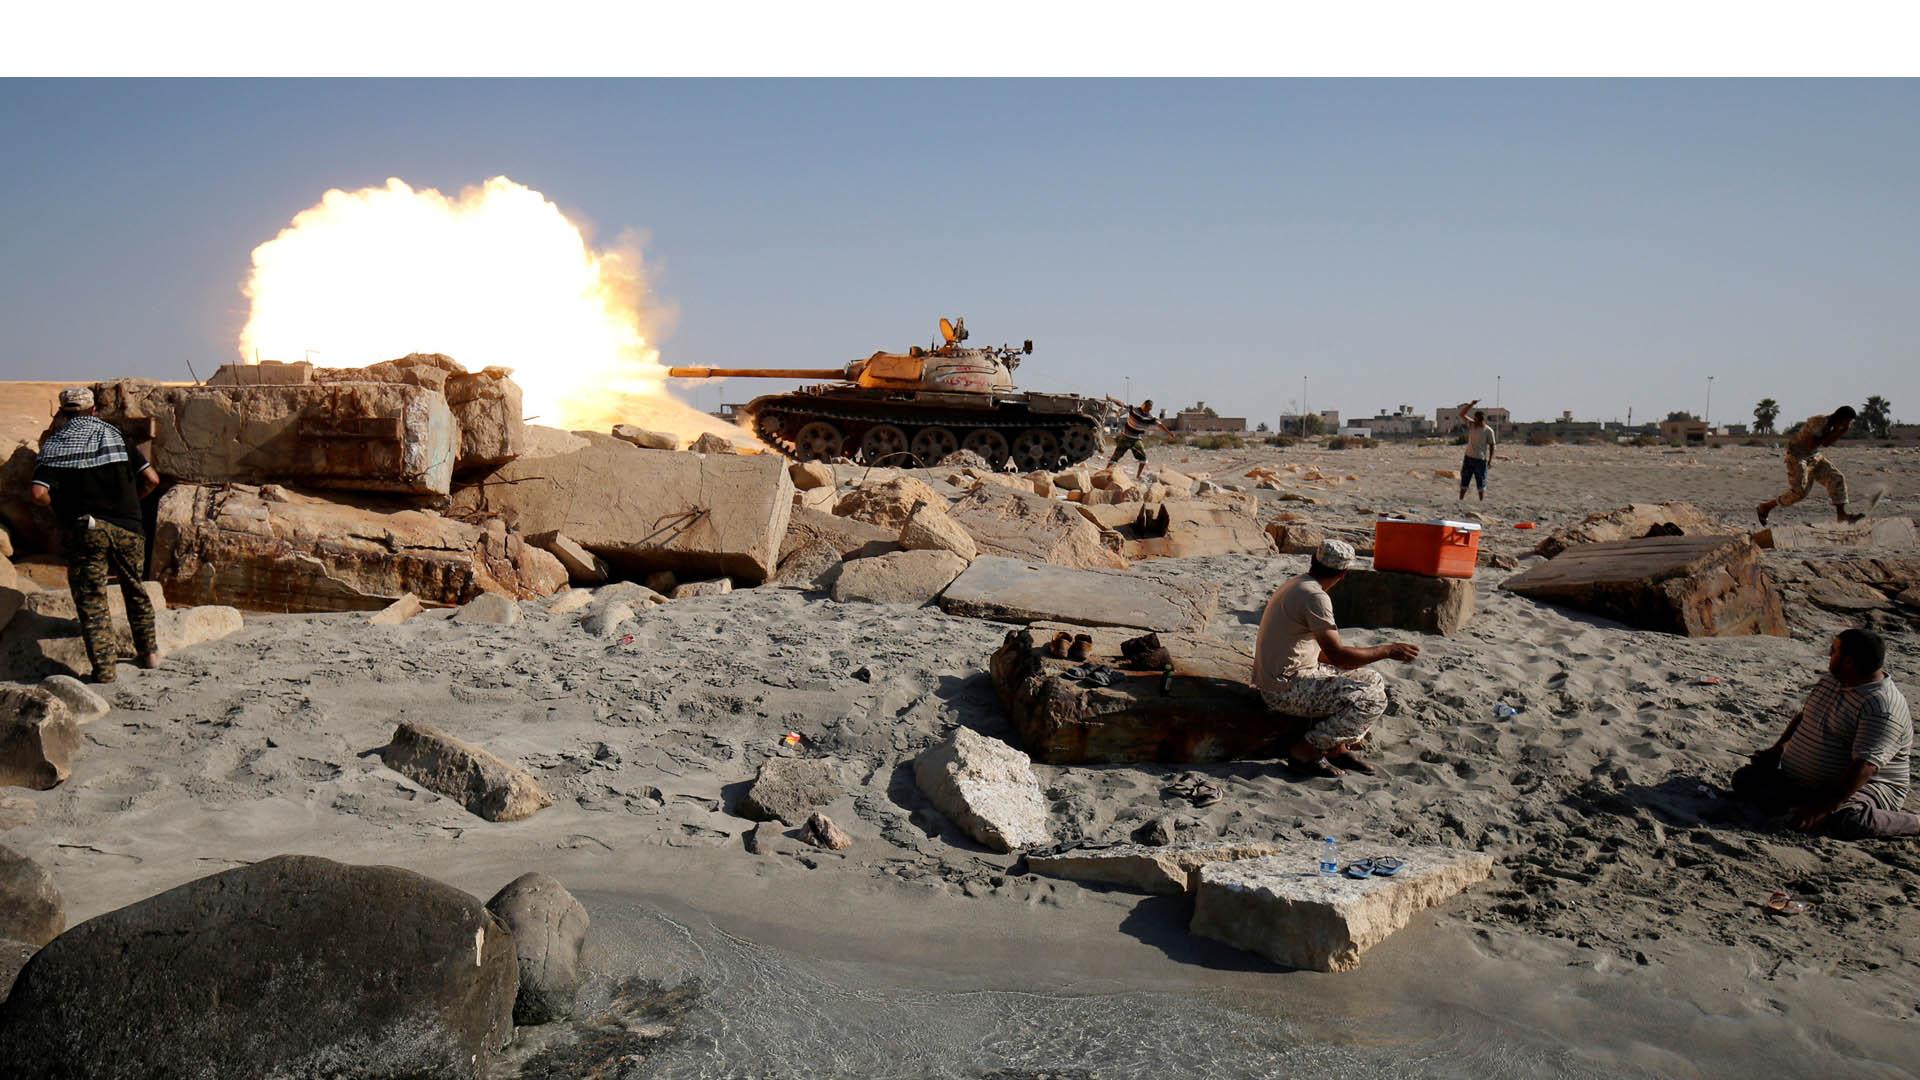 Con el apoyo de la ONU las fuerzas leales continúan los enfrentamientos en el territorio dominado por el Estado Islámico